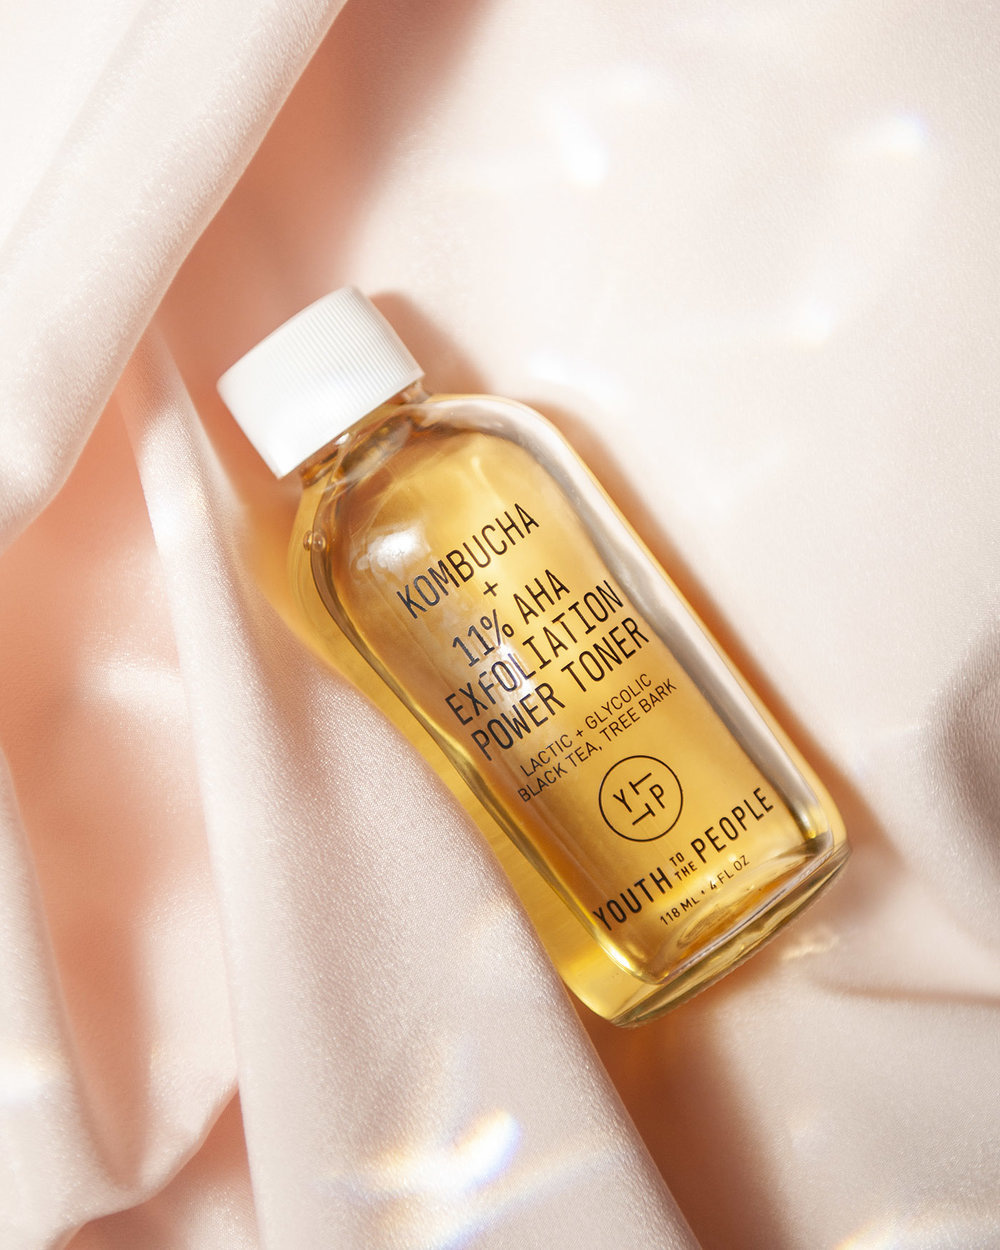 7 loại toner giúp làm sạch cặn bẩn trên da, thực sự thần kỳ để giúp nàng da đẹp rực rỡ đón Tết  - Ảnh 2.